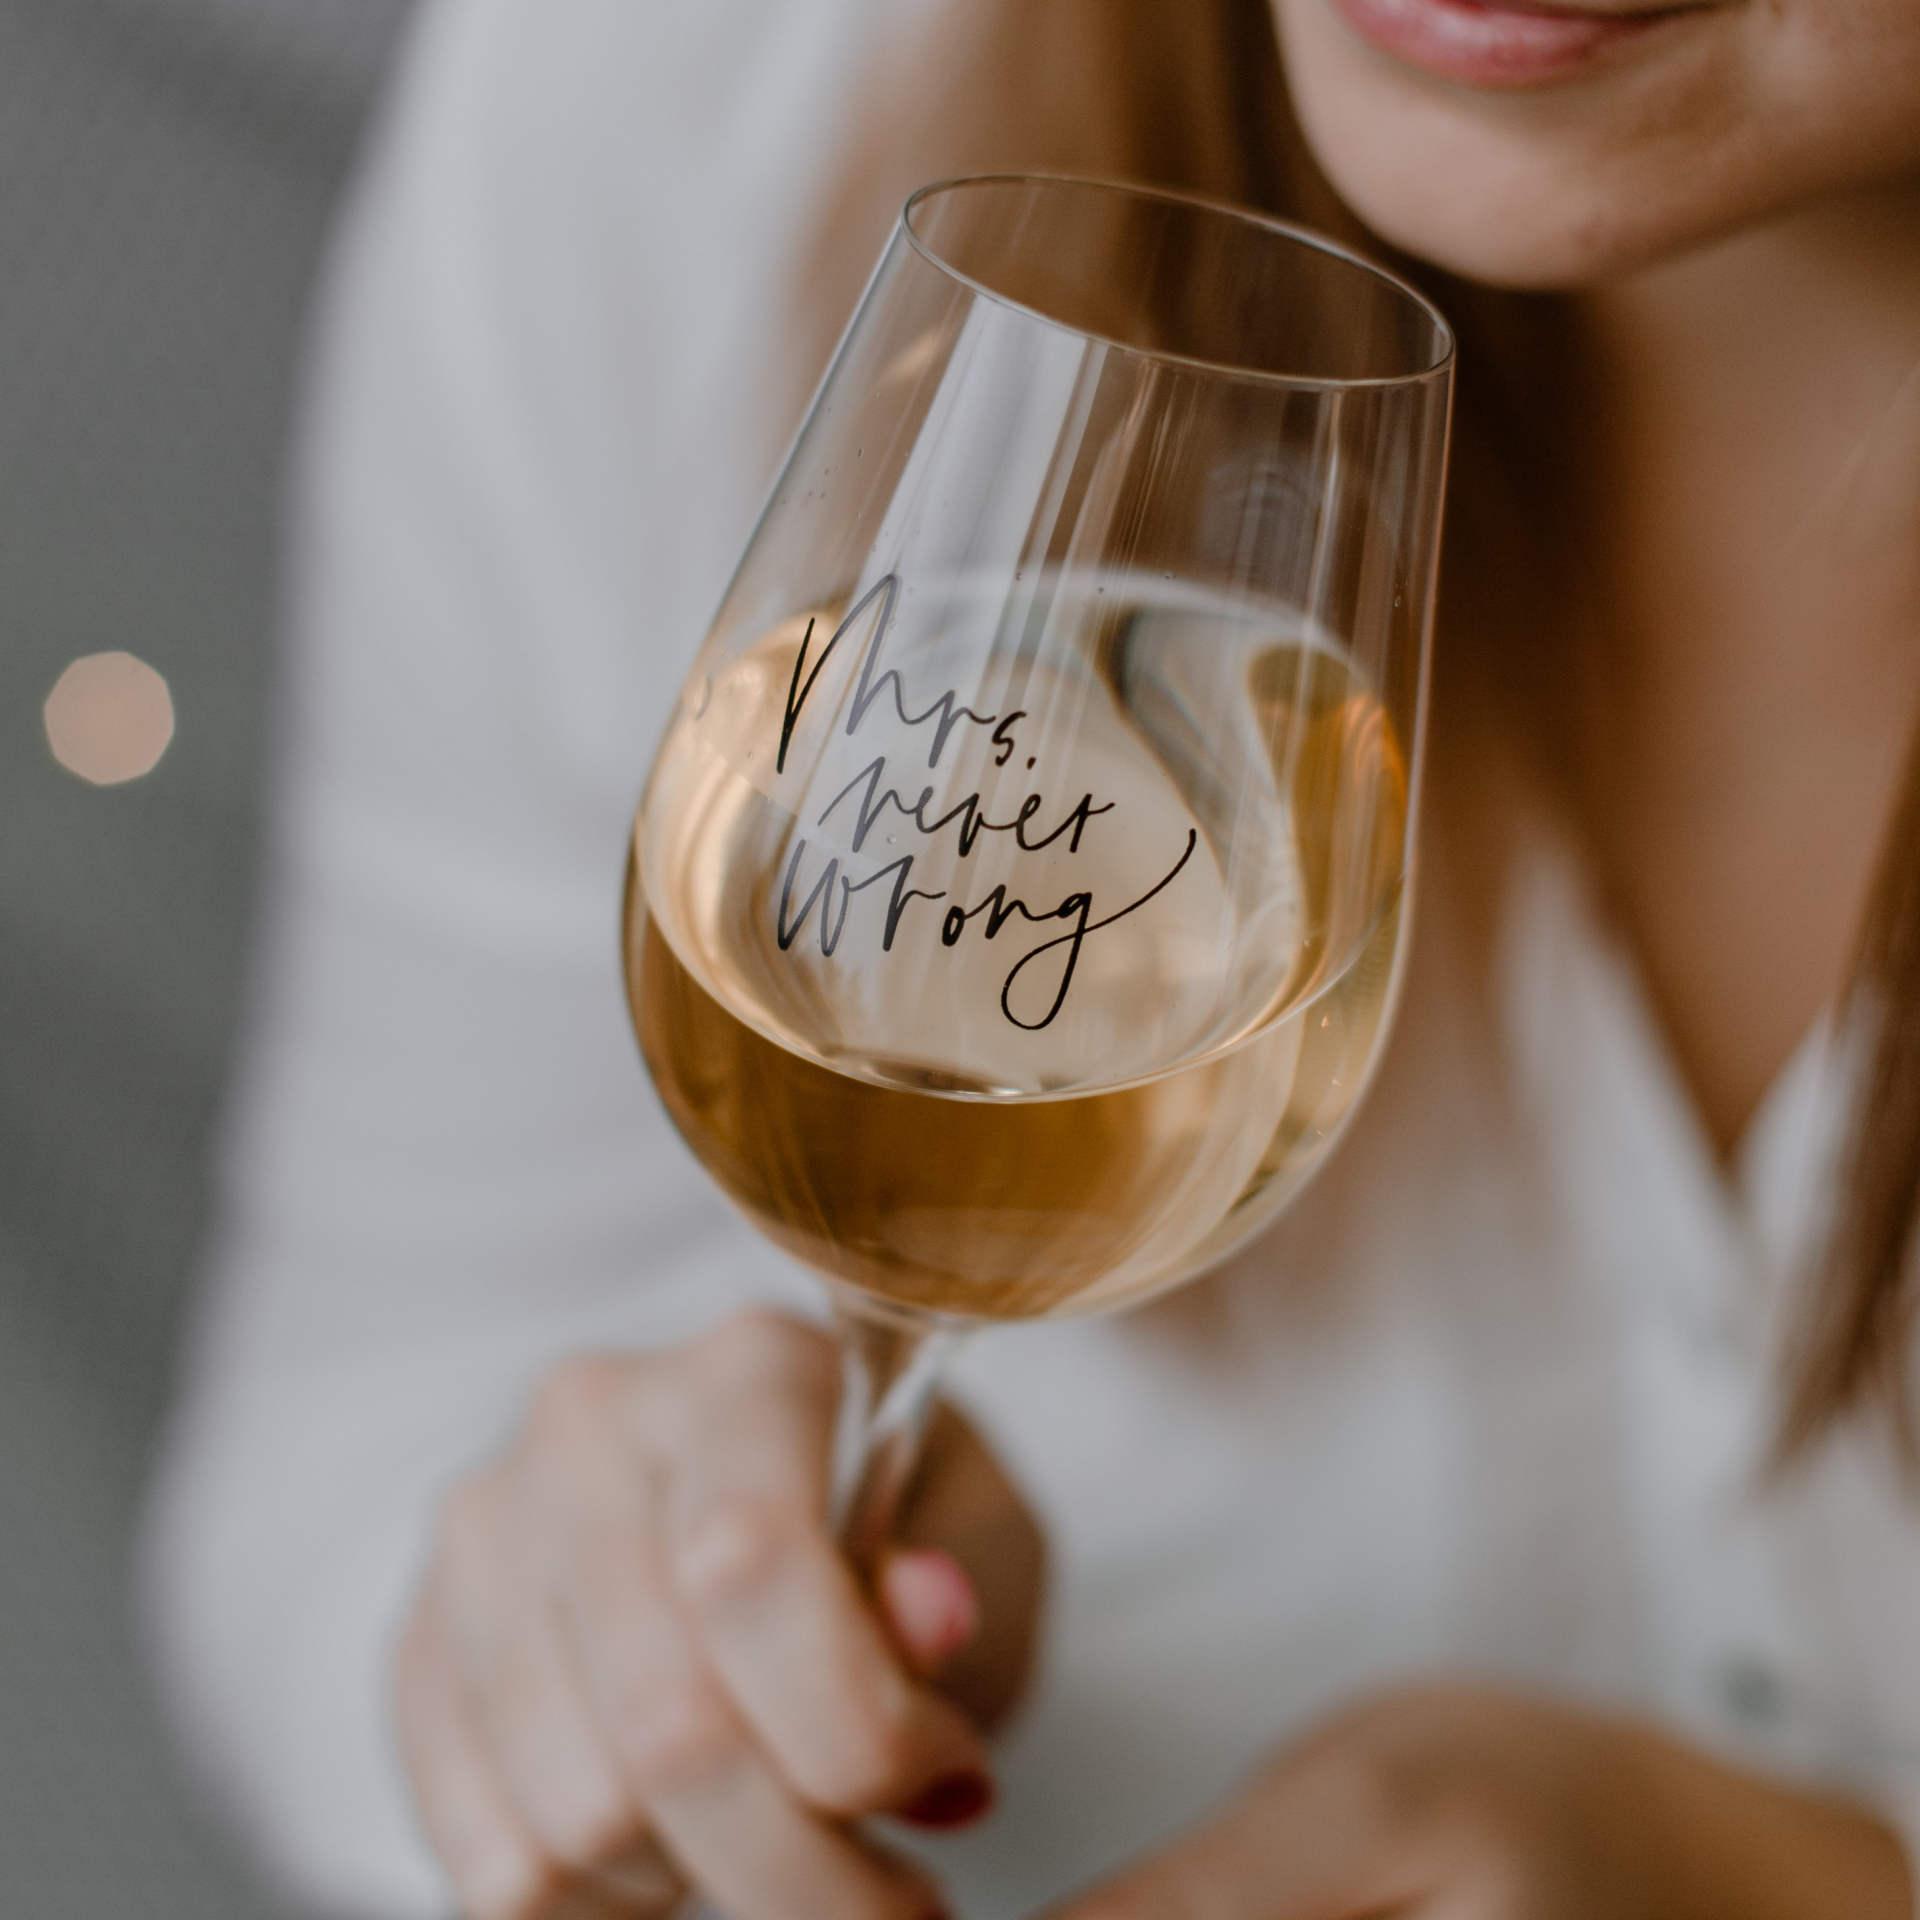 Bella Rose Sklenice na víno Mrs. Never wrong, čirá barva, sklo